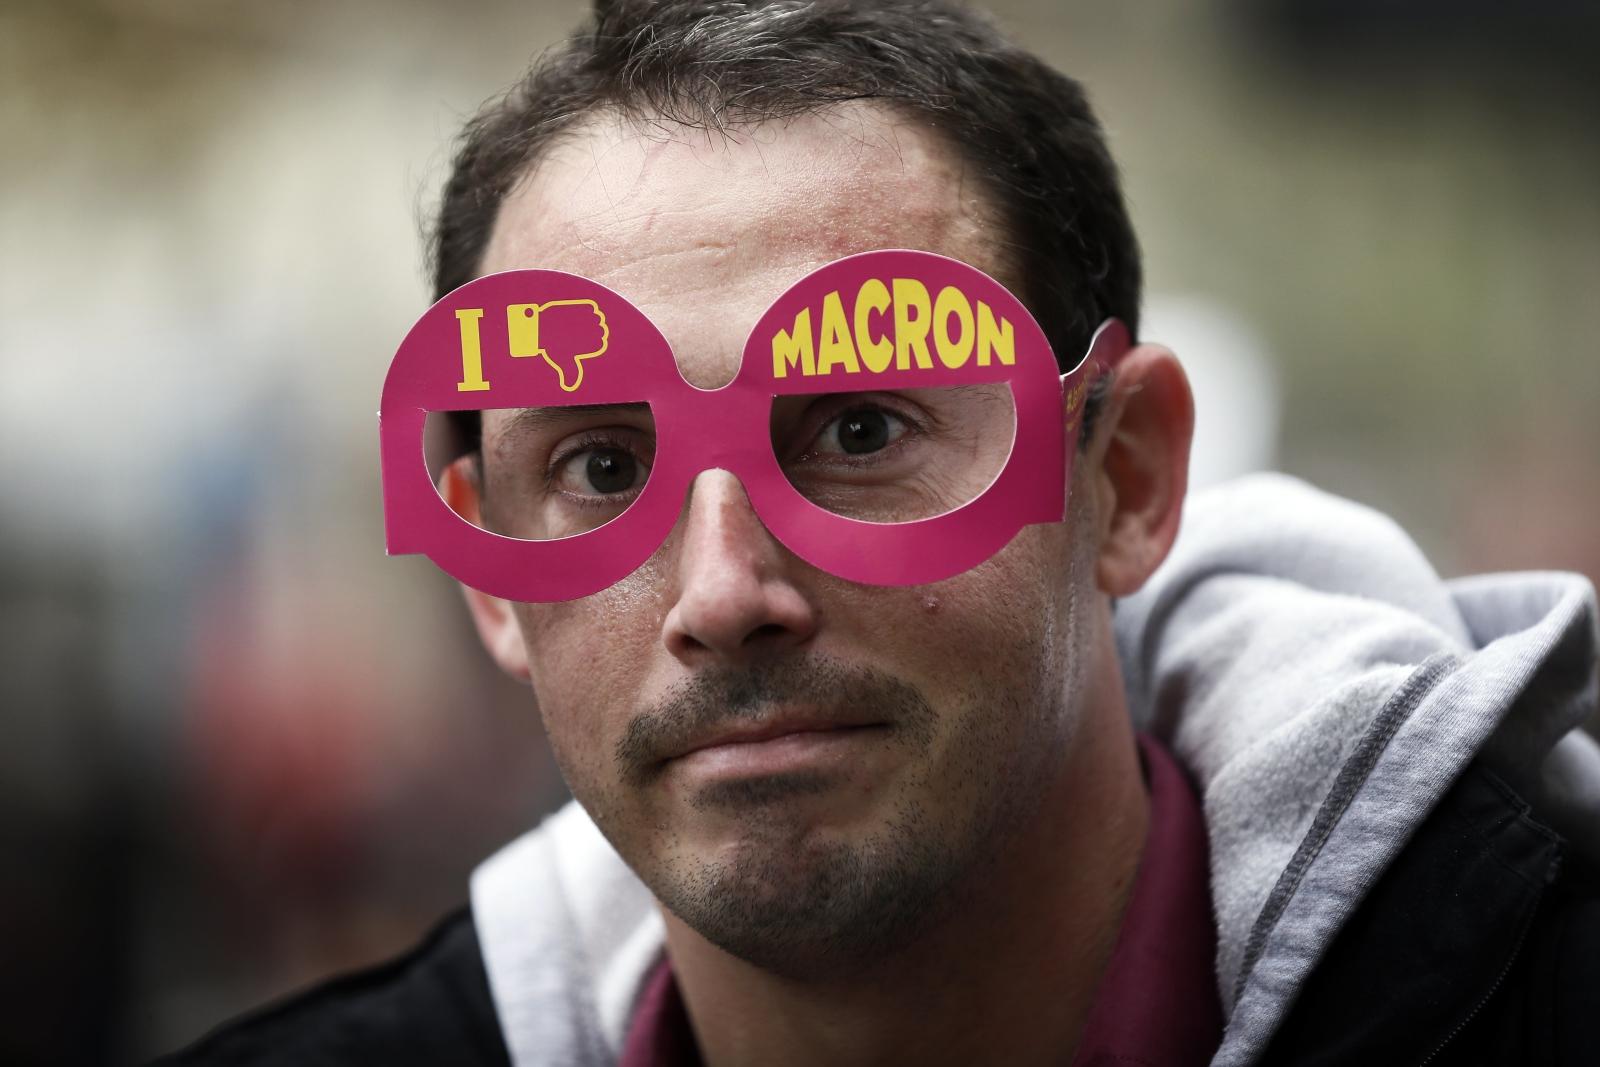 W Paryżu trwają protesty przeciwko obecnemu rządowi Francji.